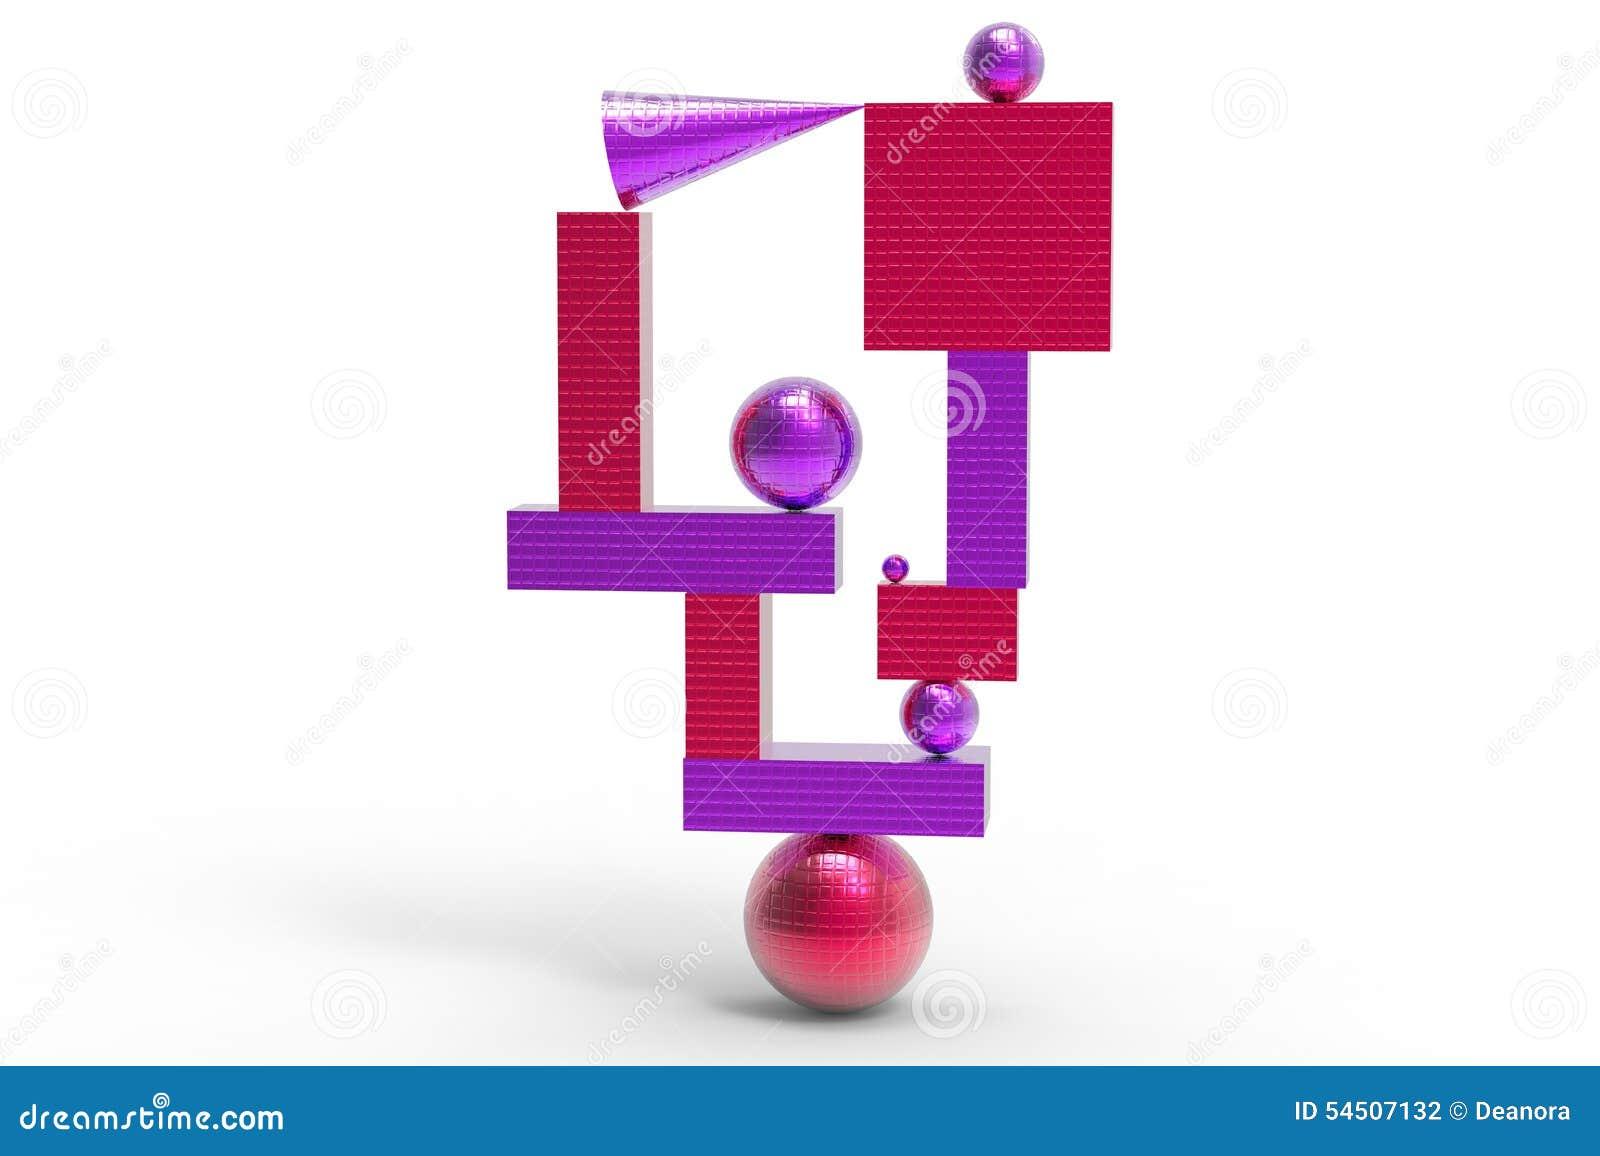 Structure géométrique abstraite en couleurs